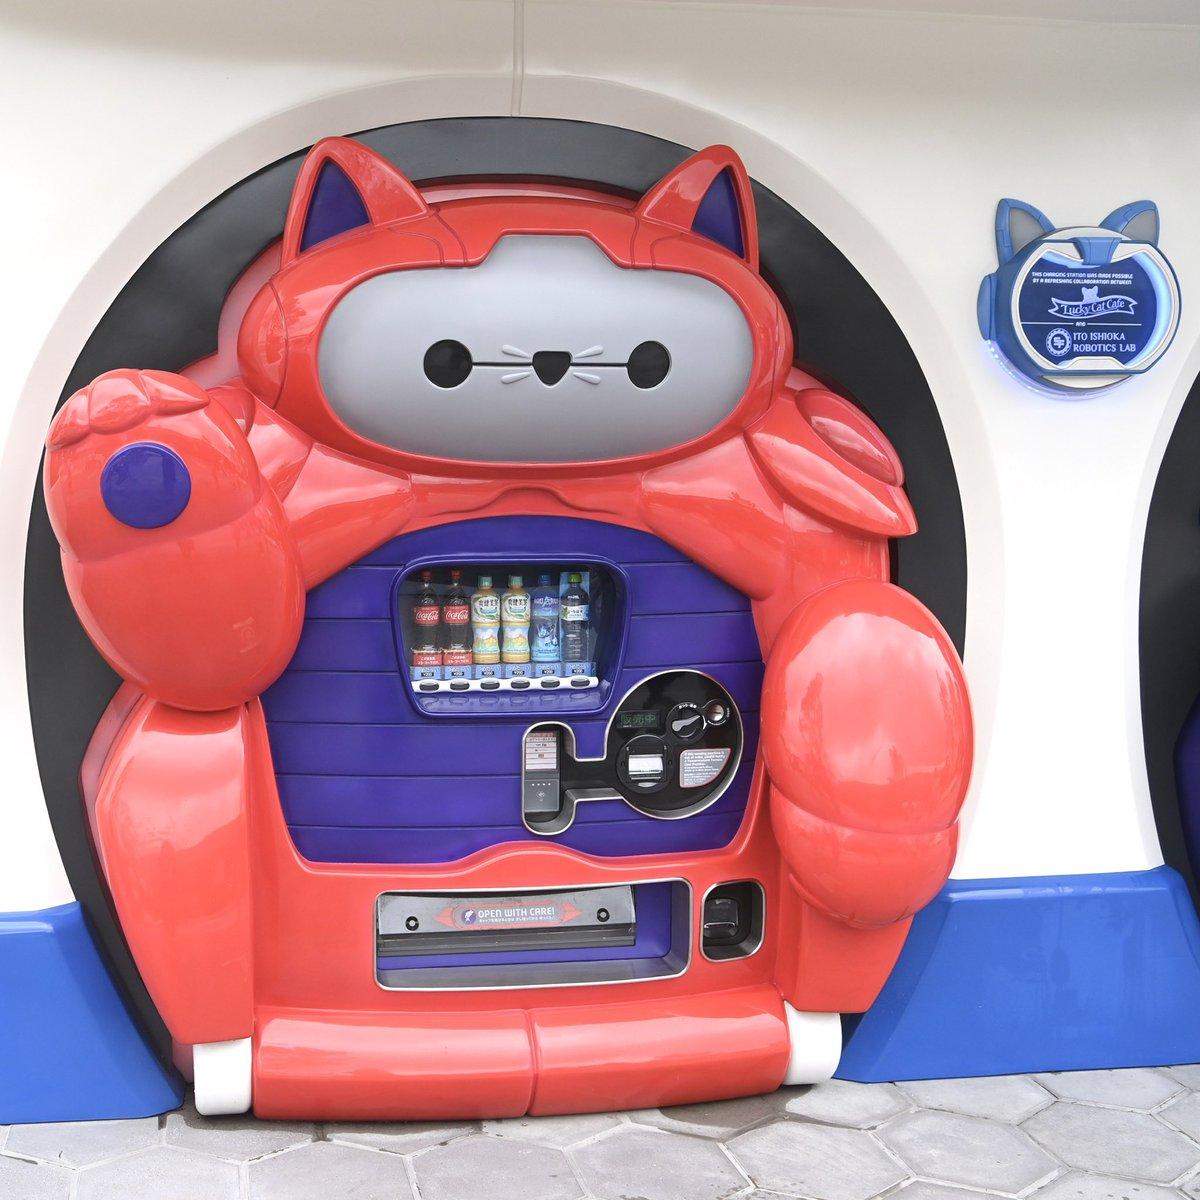 """日本東京迪士尼樂園出現了""""大英雄天團""""的貓式機器人自動販賣機 EdffA0EUwAAw-c7"""